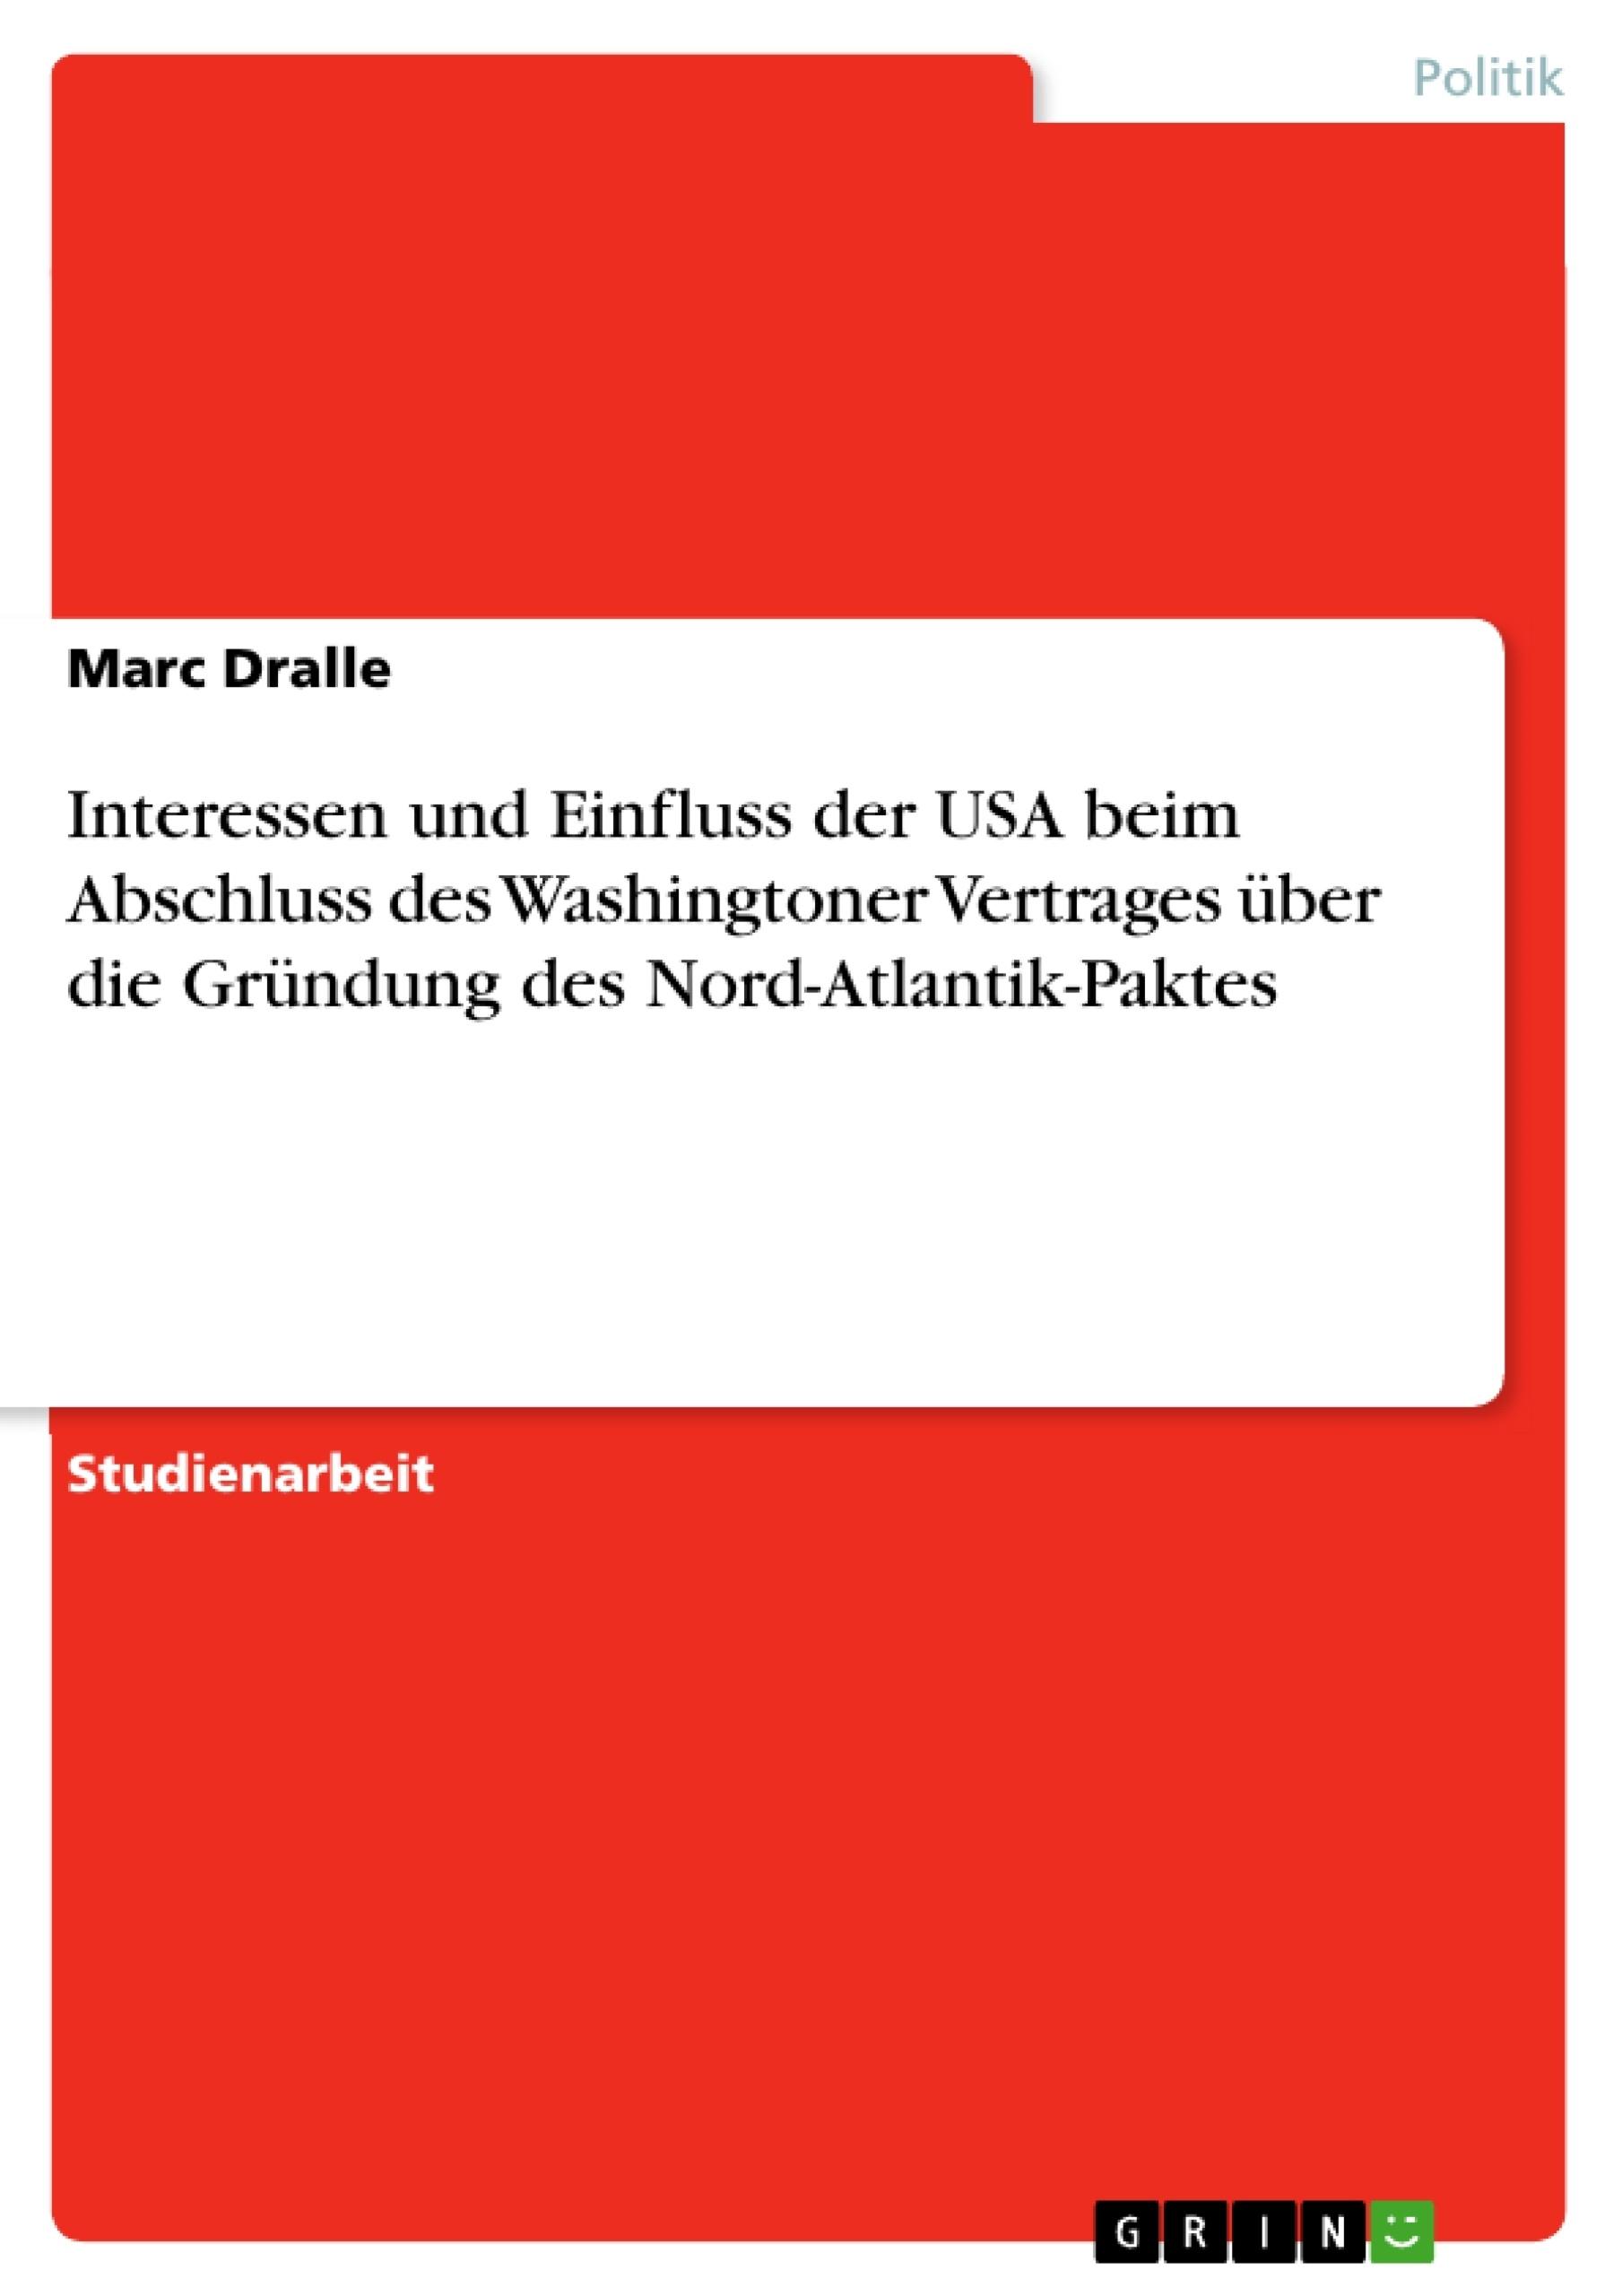 Titel: Interessen und Einfluss der USA beim Abschluss des Washingtoner Vertrages über die Gründung des Nord-Atlantik-Paktes